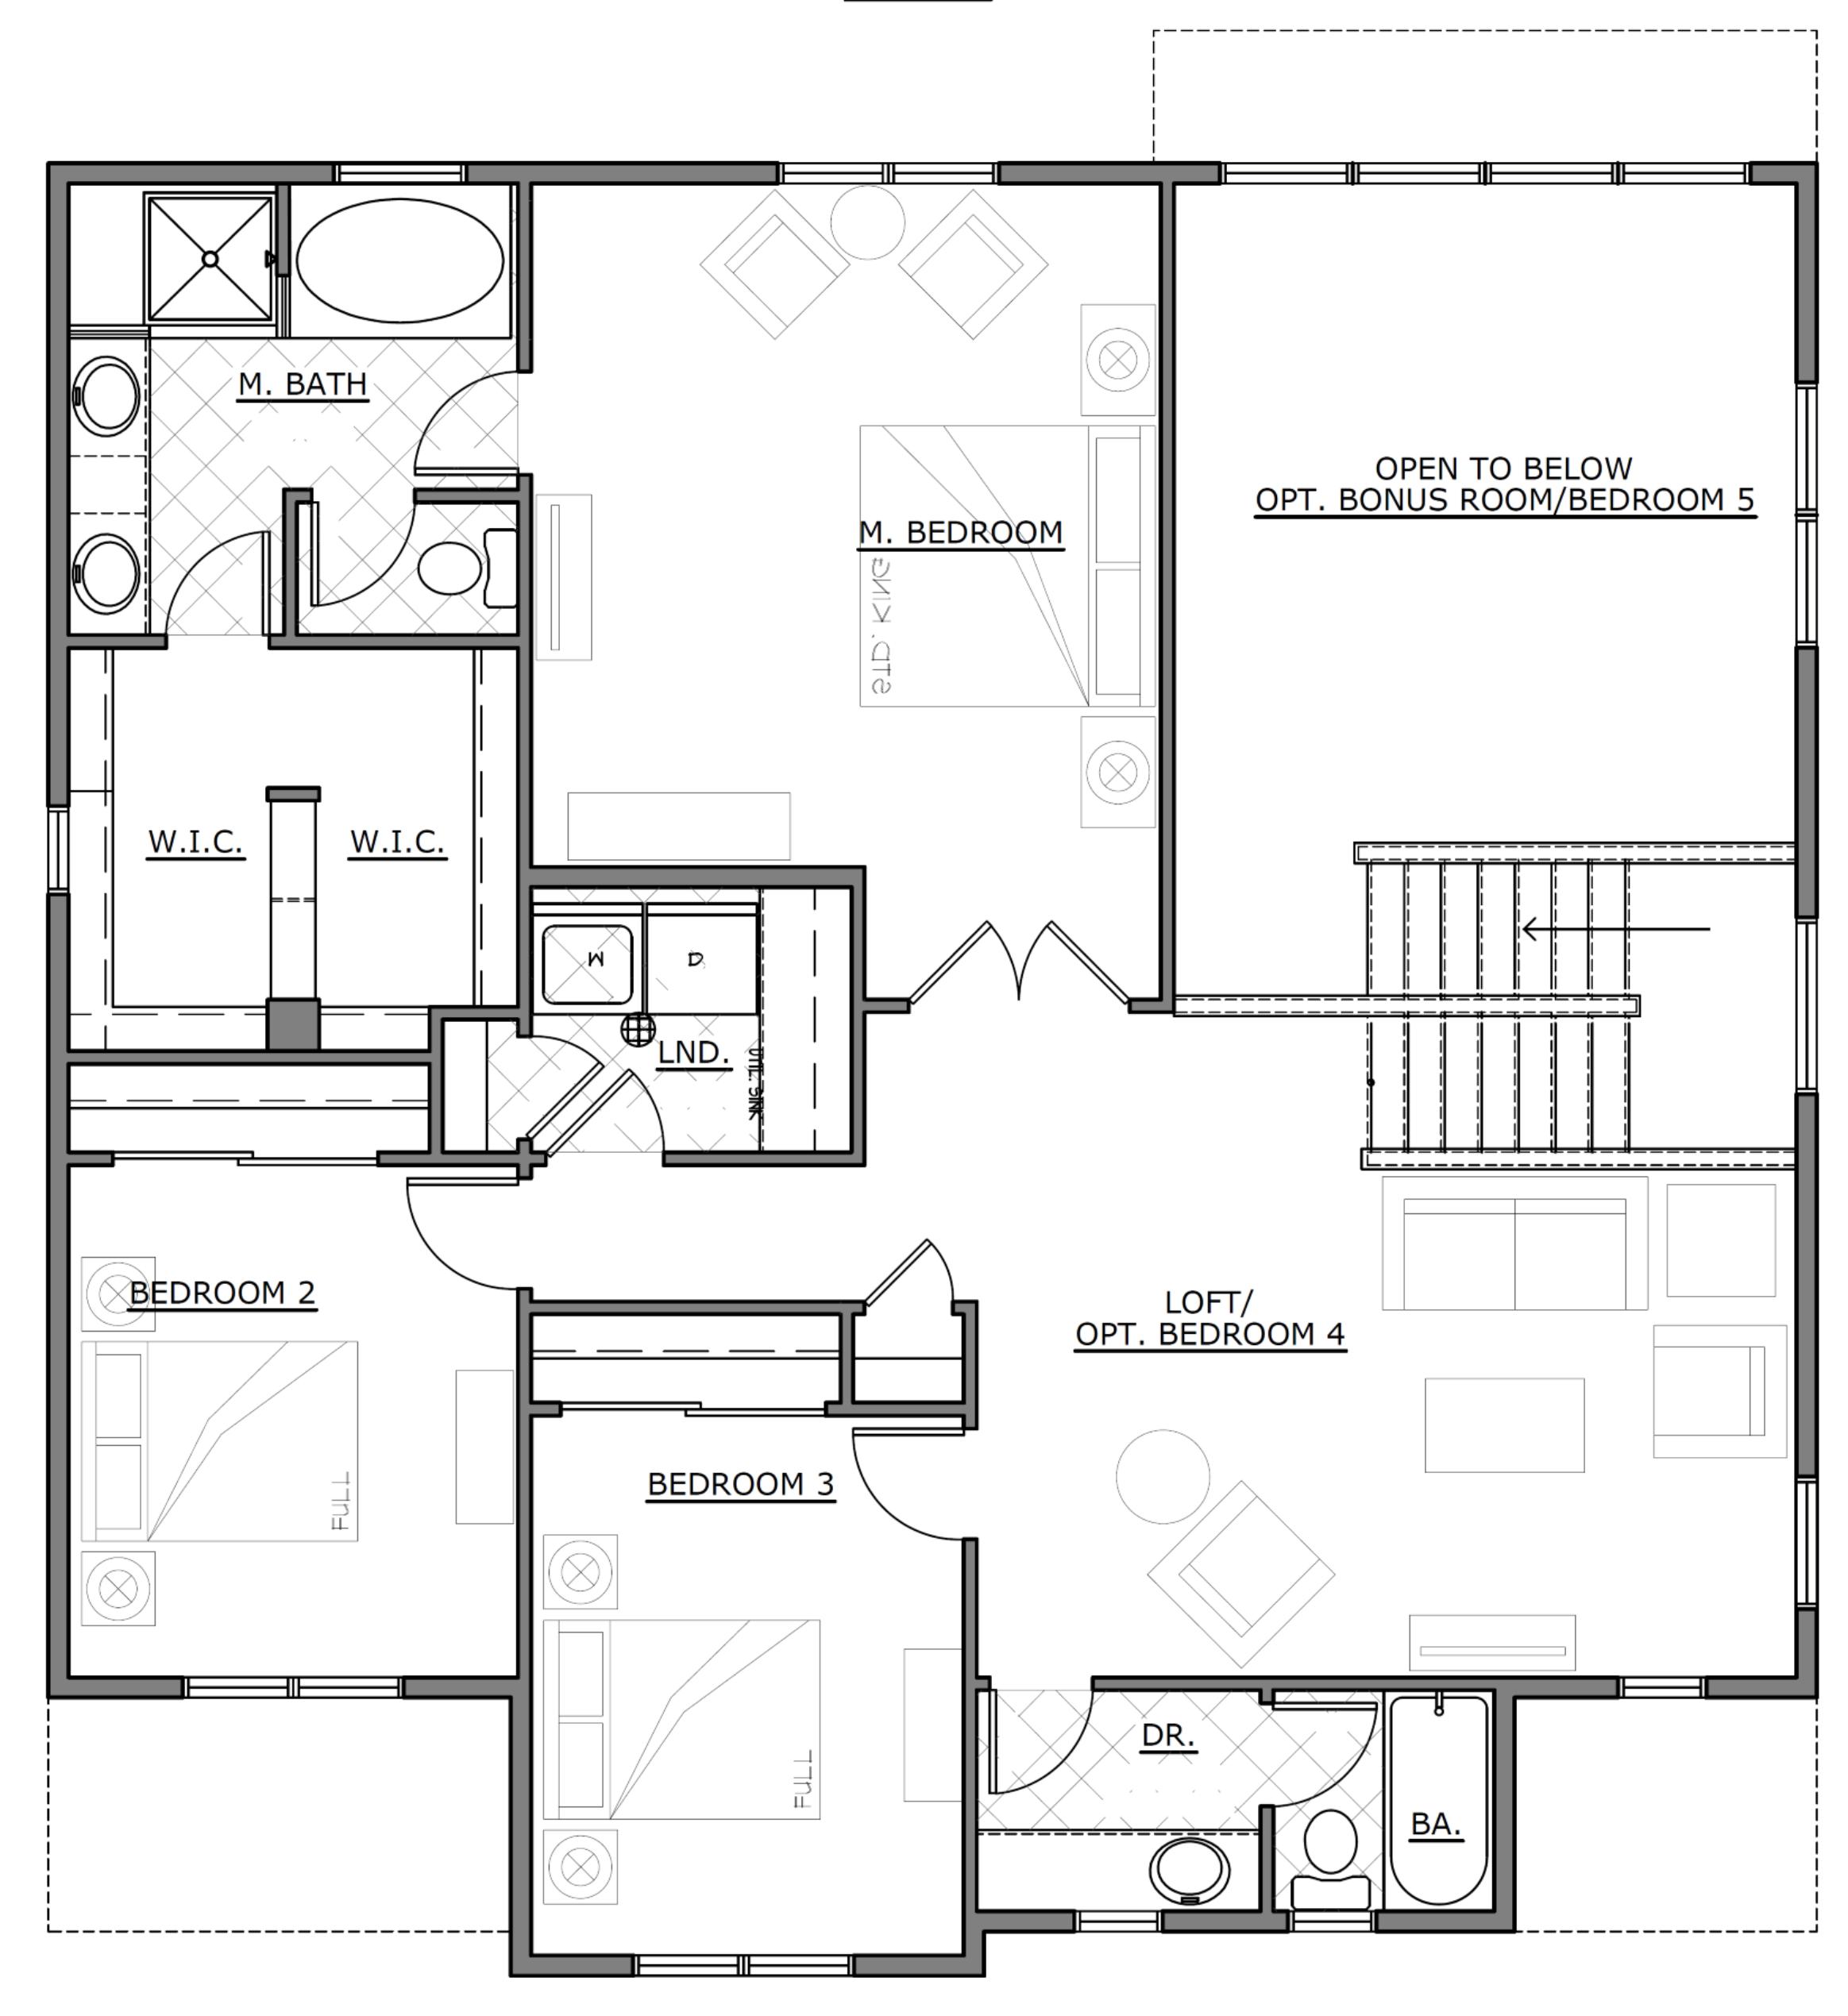 Upper_level_floor_plan